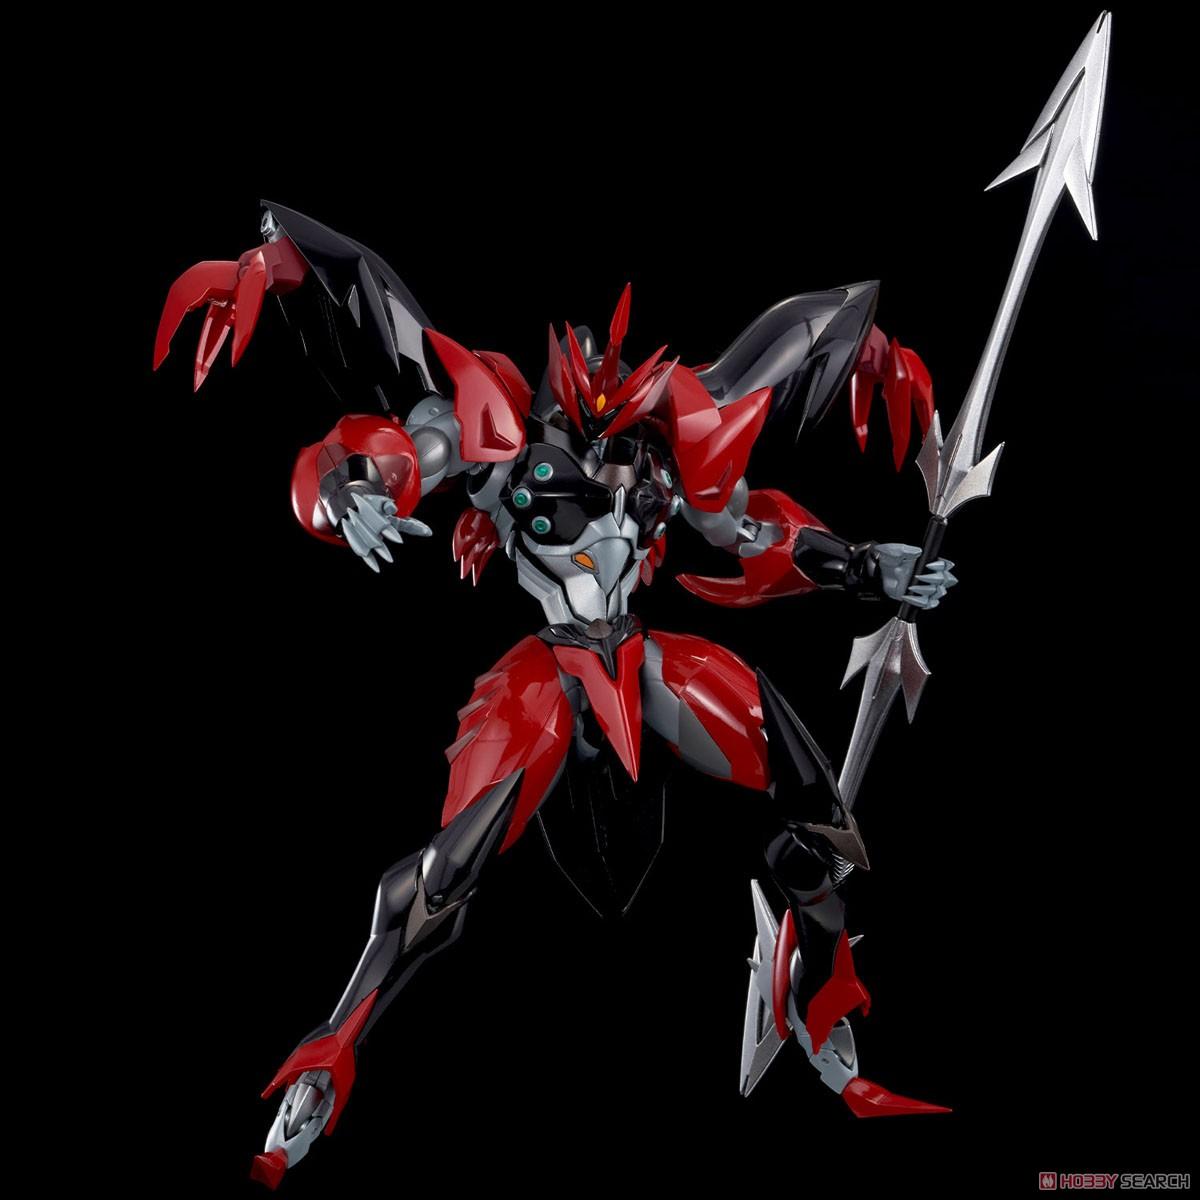 RIOBOT『テッカマンエビル』宇宙の騎士テッカマンブレード 可動フィギュア-006